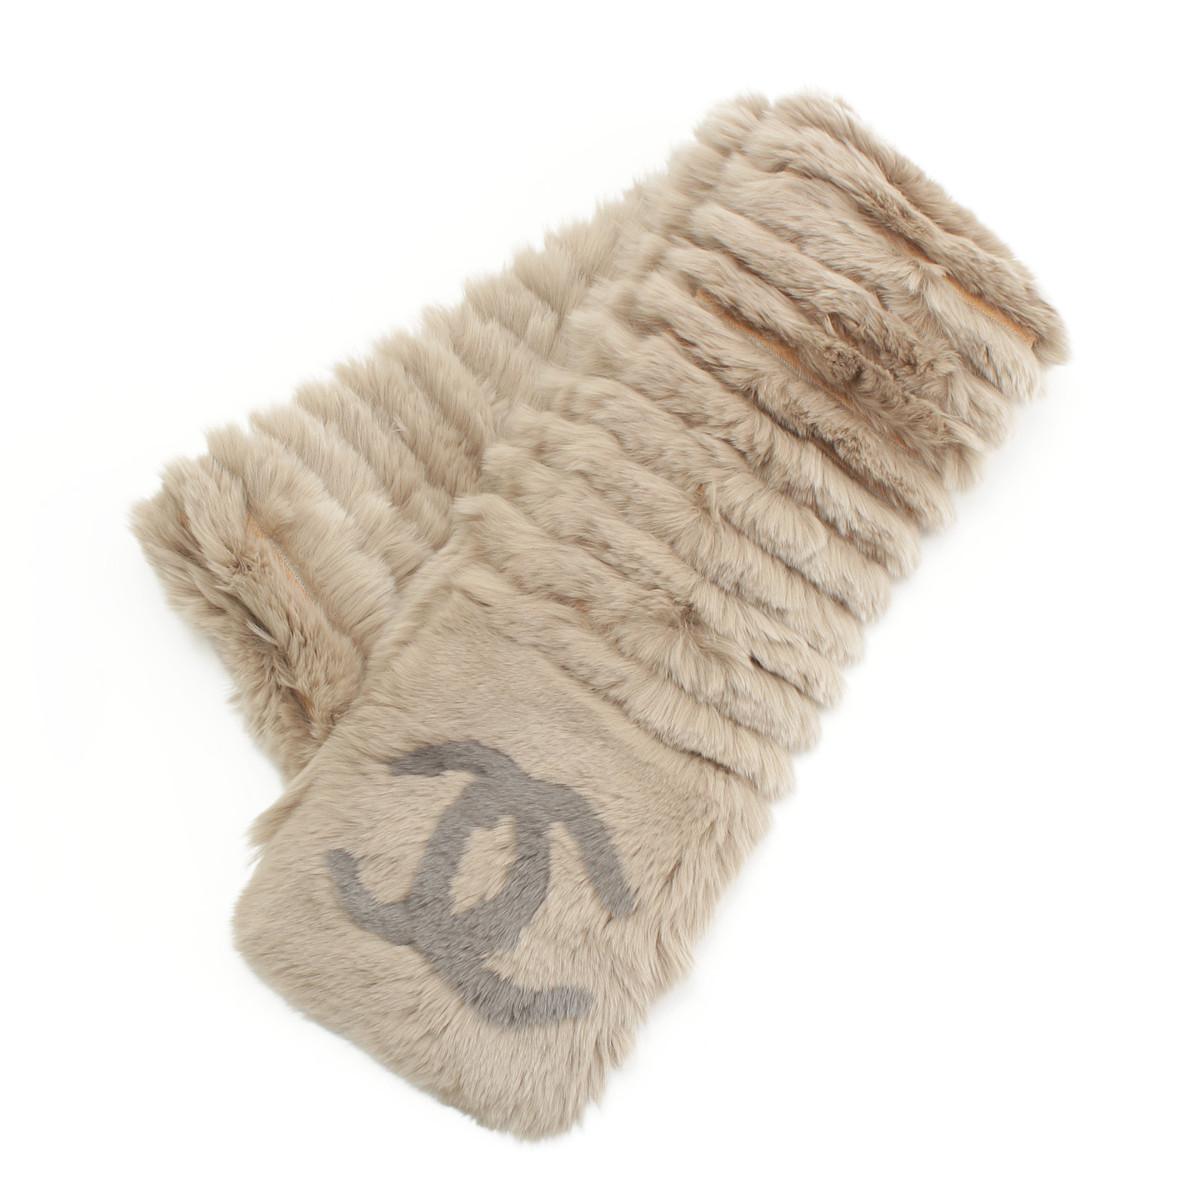 【シャネル】Chanel オリラグ ファー マフラー ベージュ 【中古】【鑑定済・正規品保証】【送料無料】29580